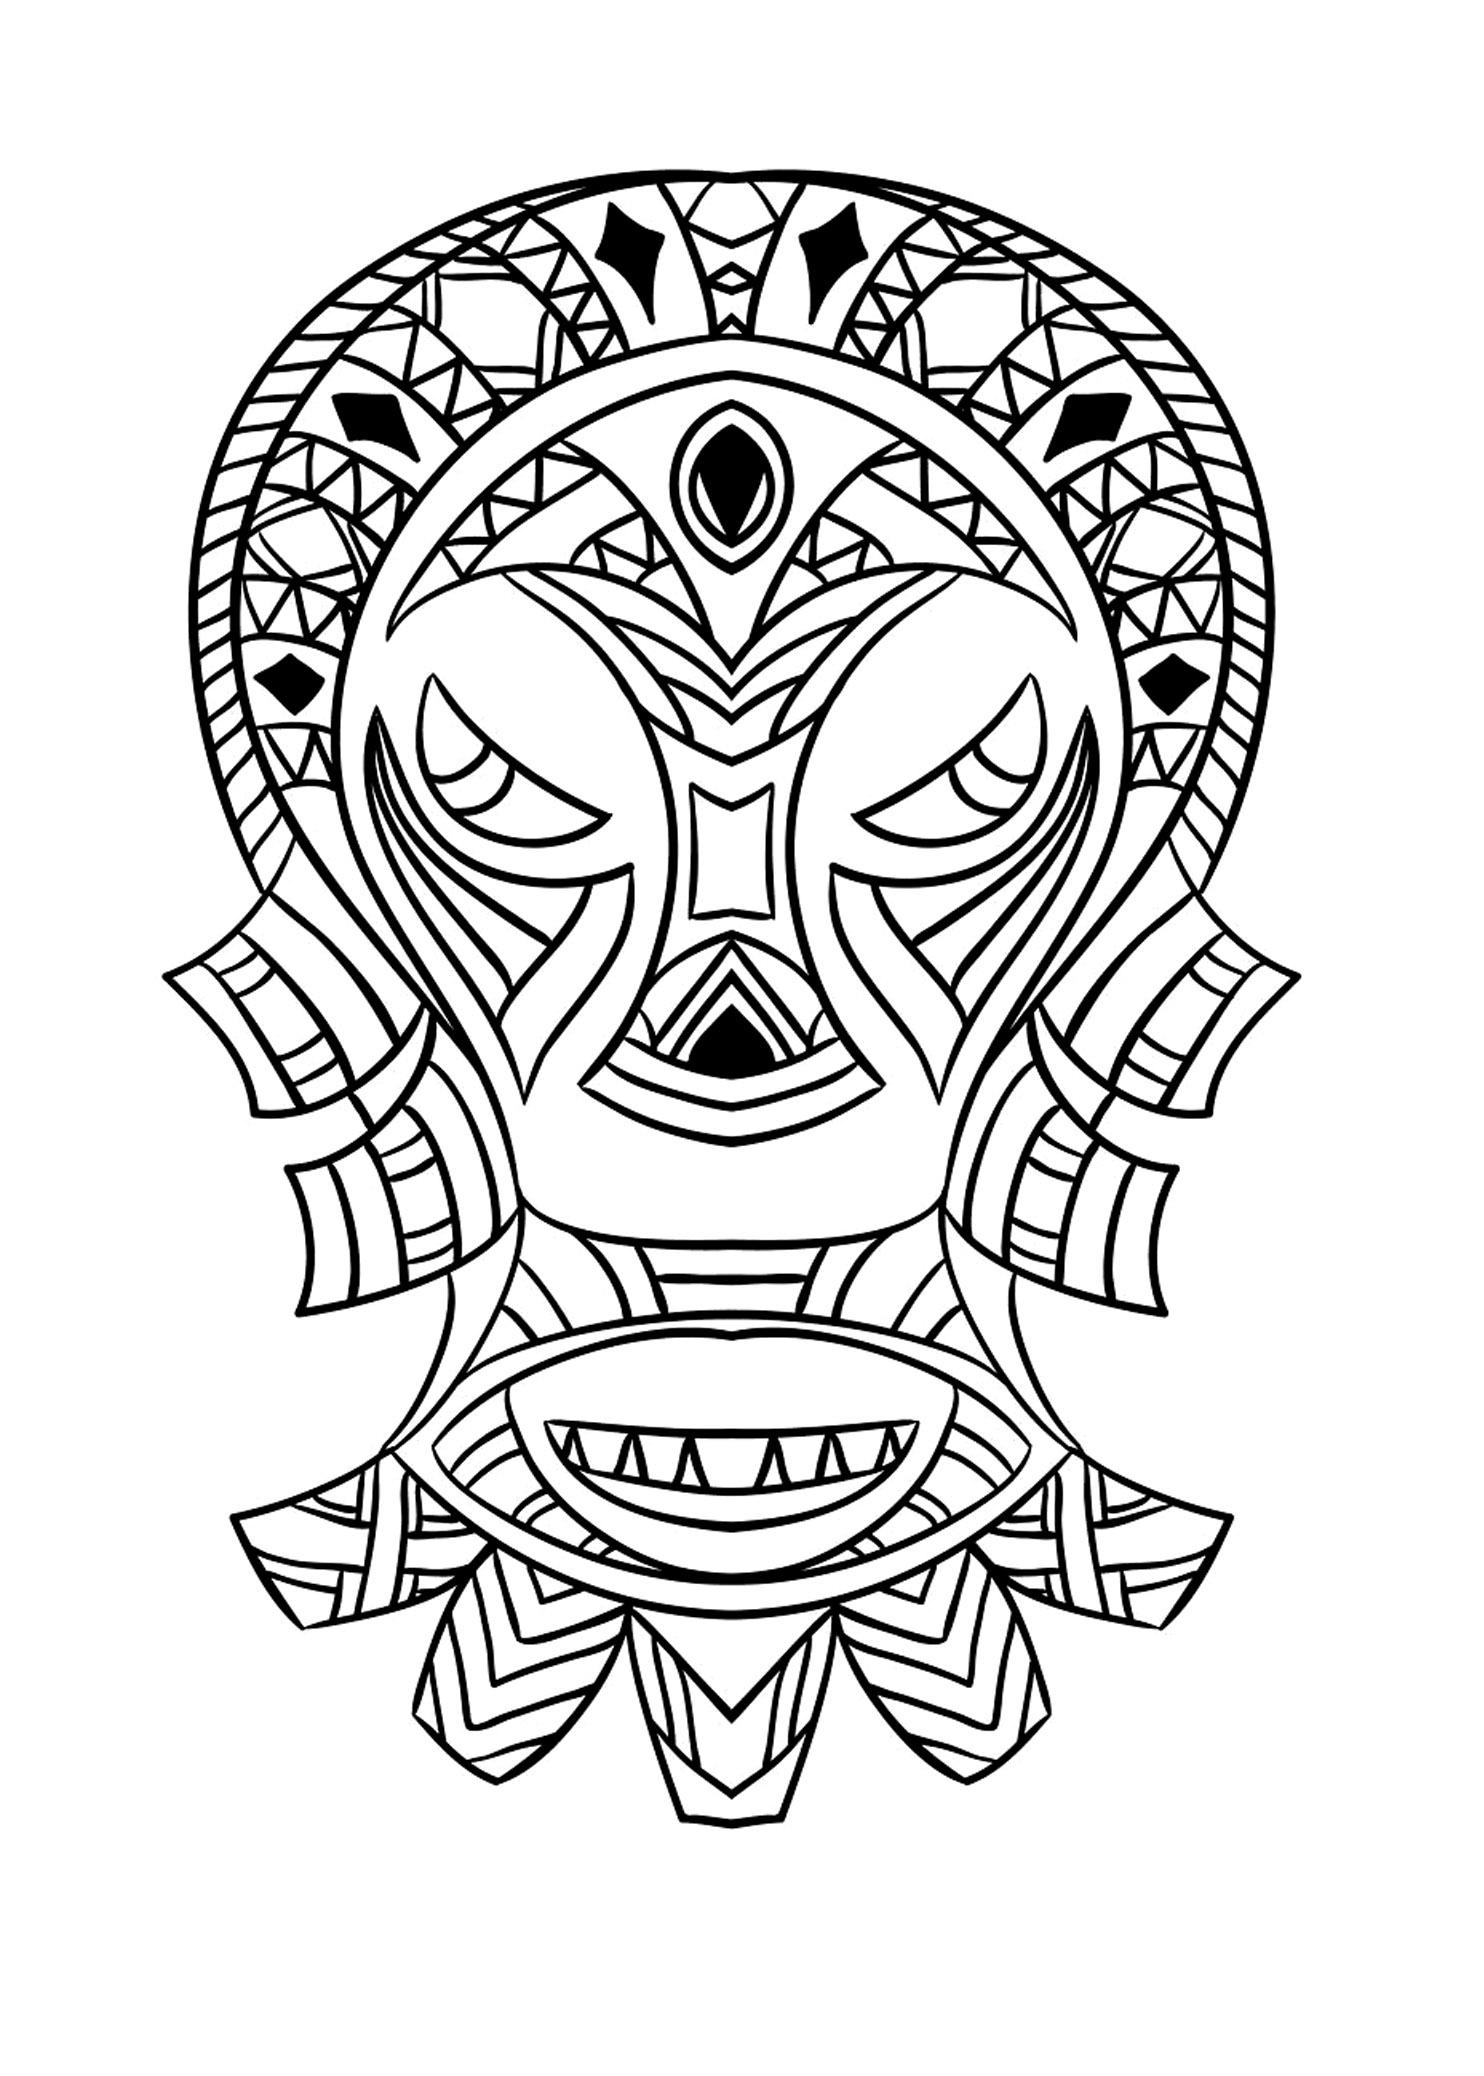 Image de Masques à colorier, facile pour enfants